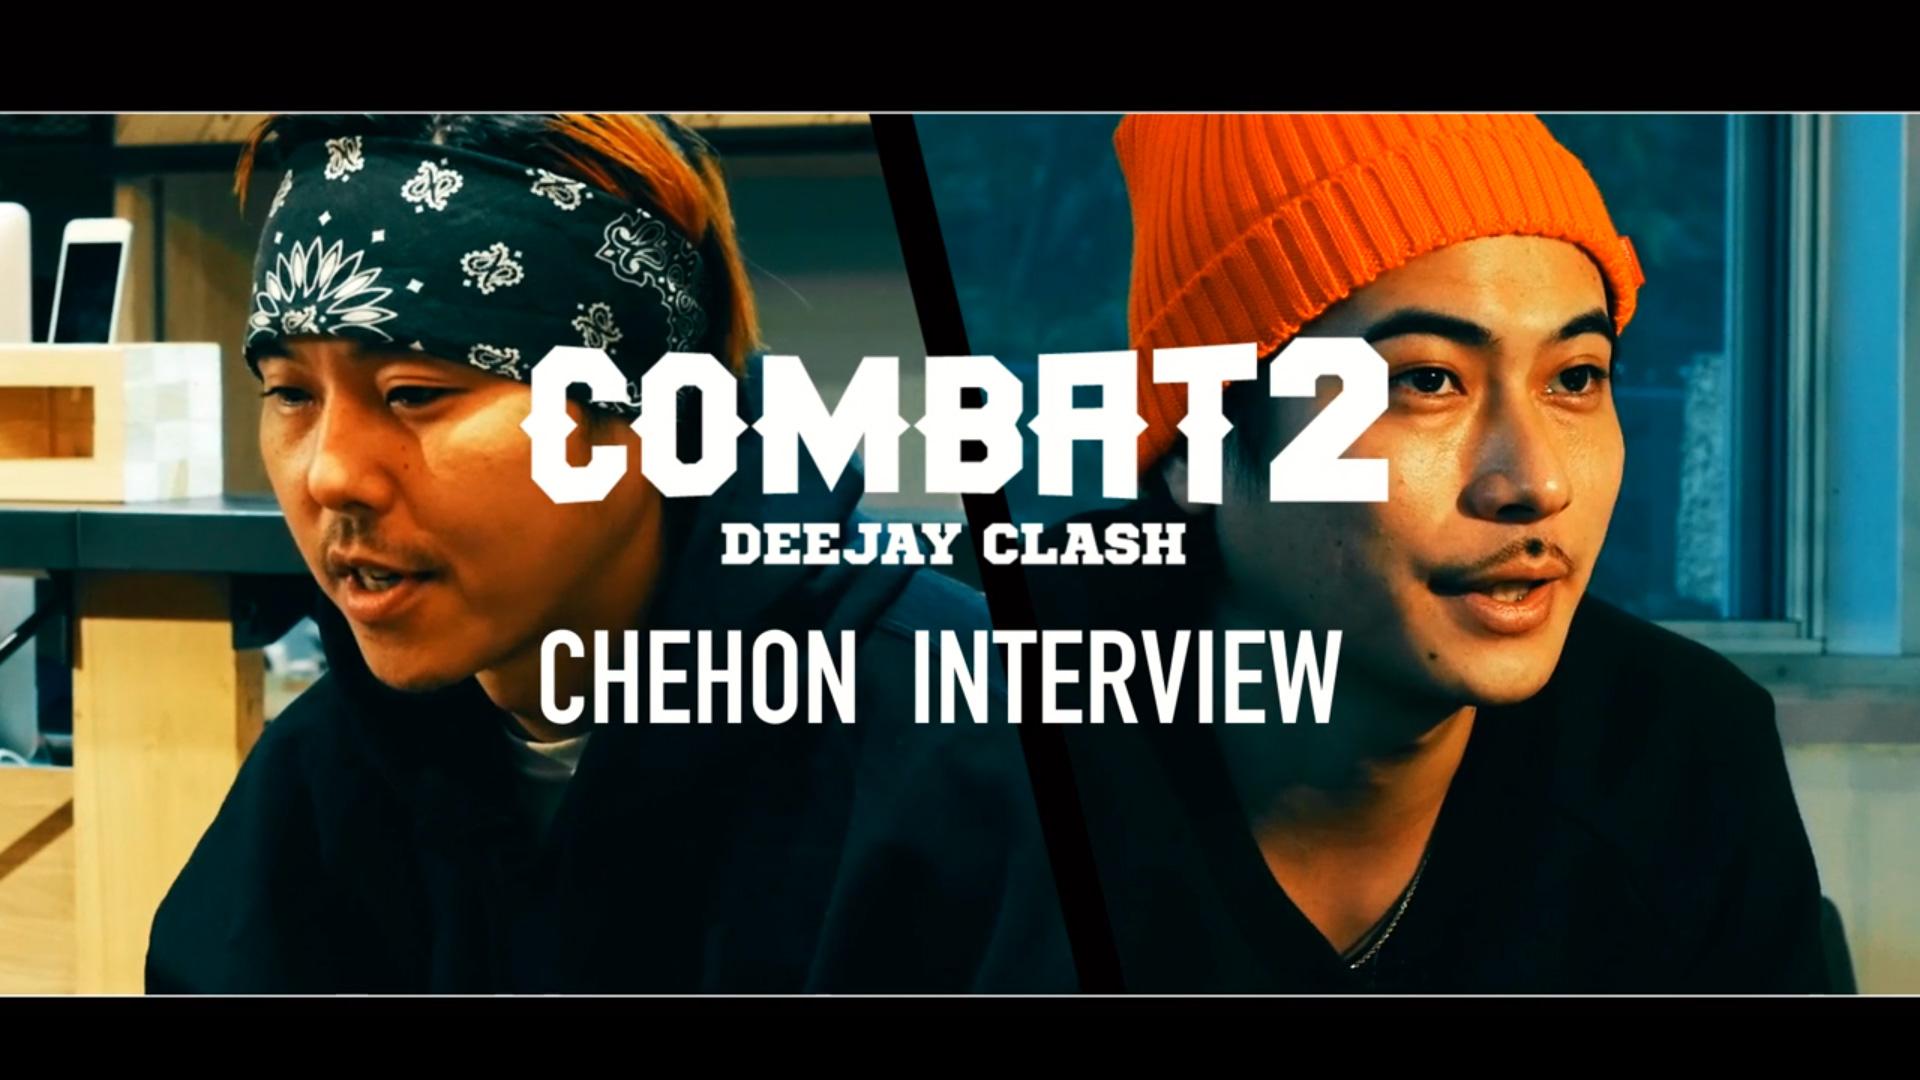 DEEJAY CLASHを控えた西の次世代筆頭 CHEHONへインタビュー!